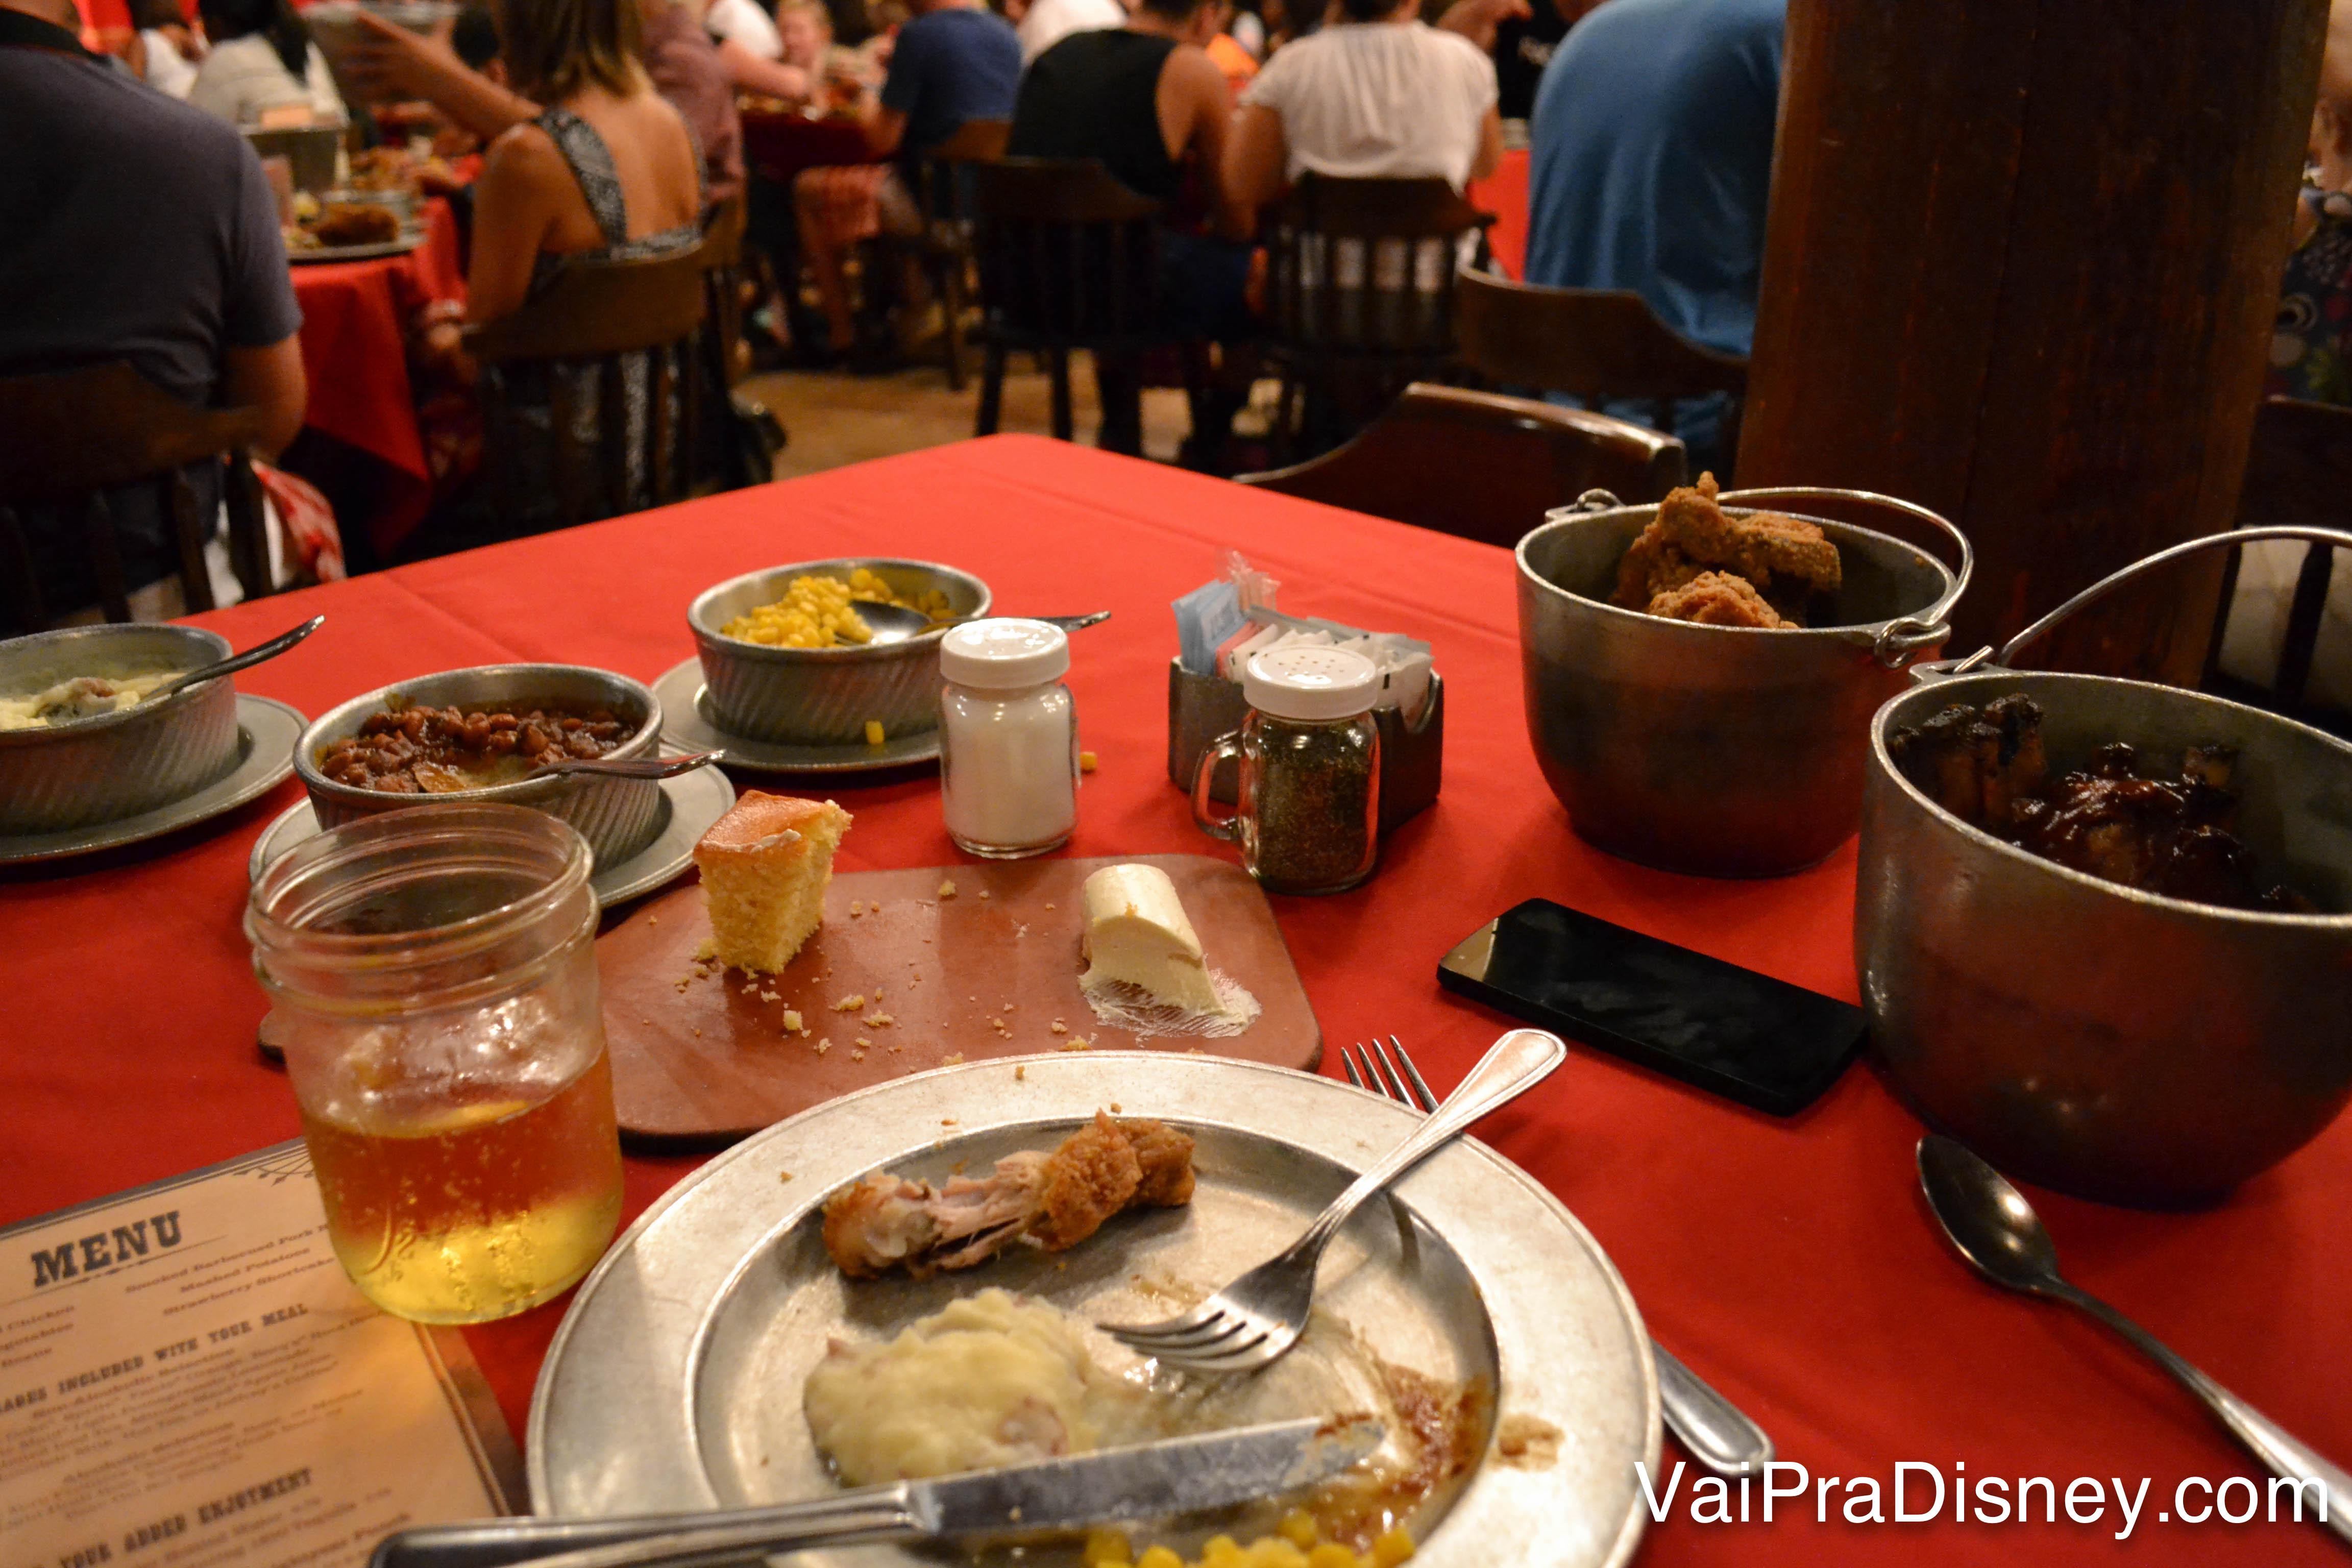 A mesa cheia de pratos, copos e ainda algumas porções de comida no fim da noite do Hoop-Dee-Doo Musical Revue